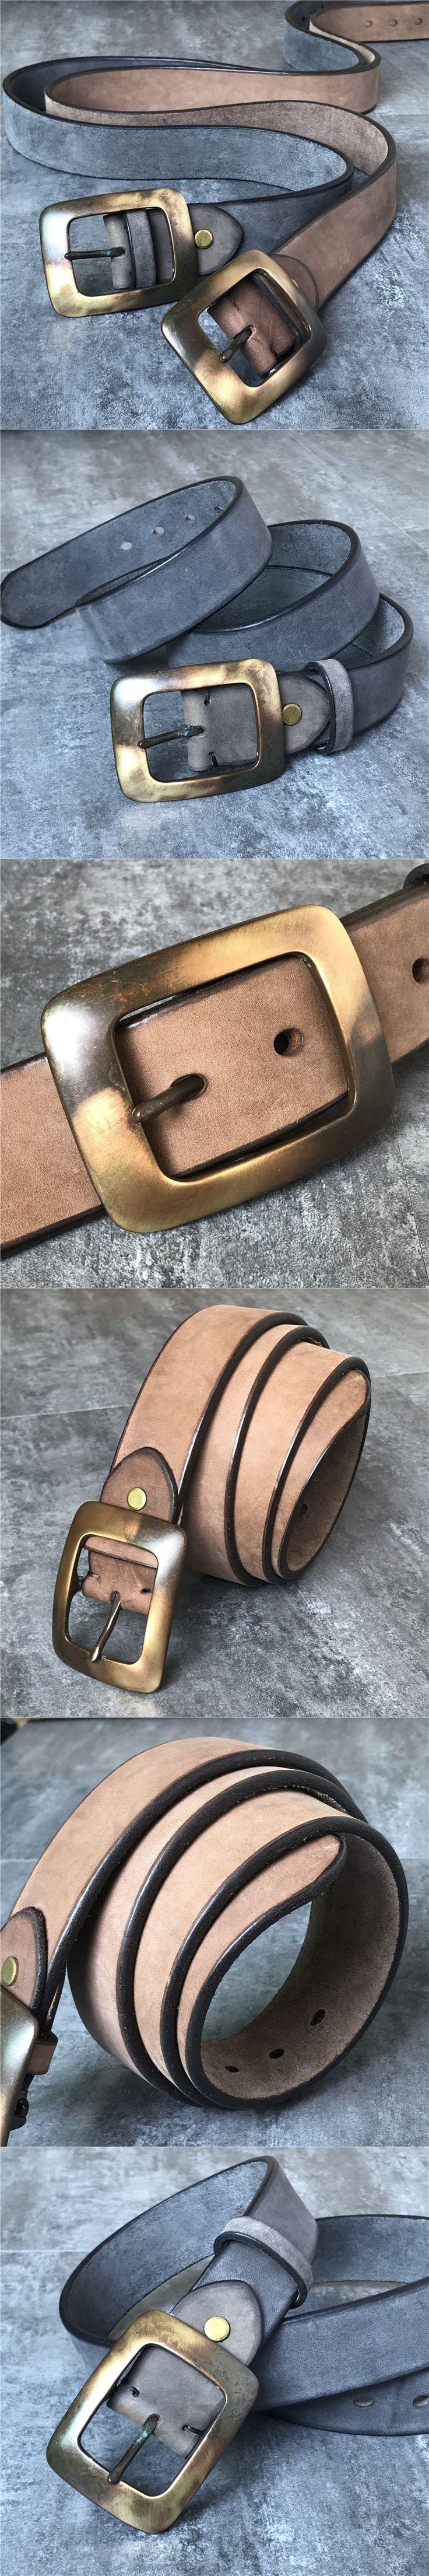 Super Thick Retro Genuine Leather Men Belt Cowboy Vintage Belt Buckle Ceinture Homme Jeans Strap  Ceinture Homme Cinto MBT0506